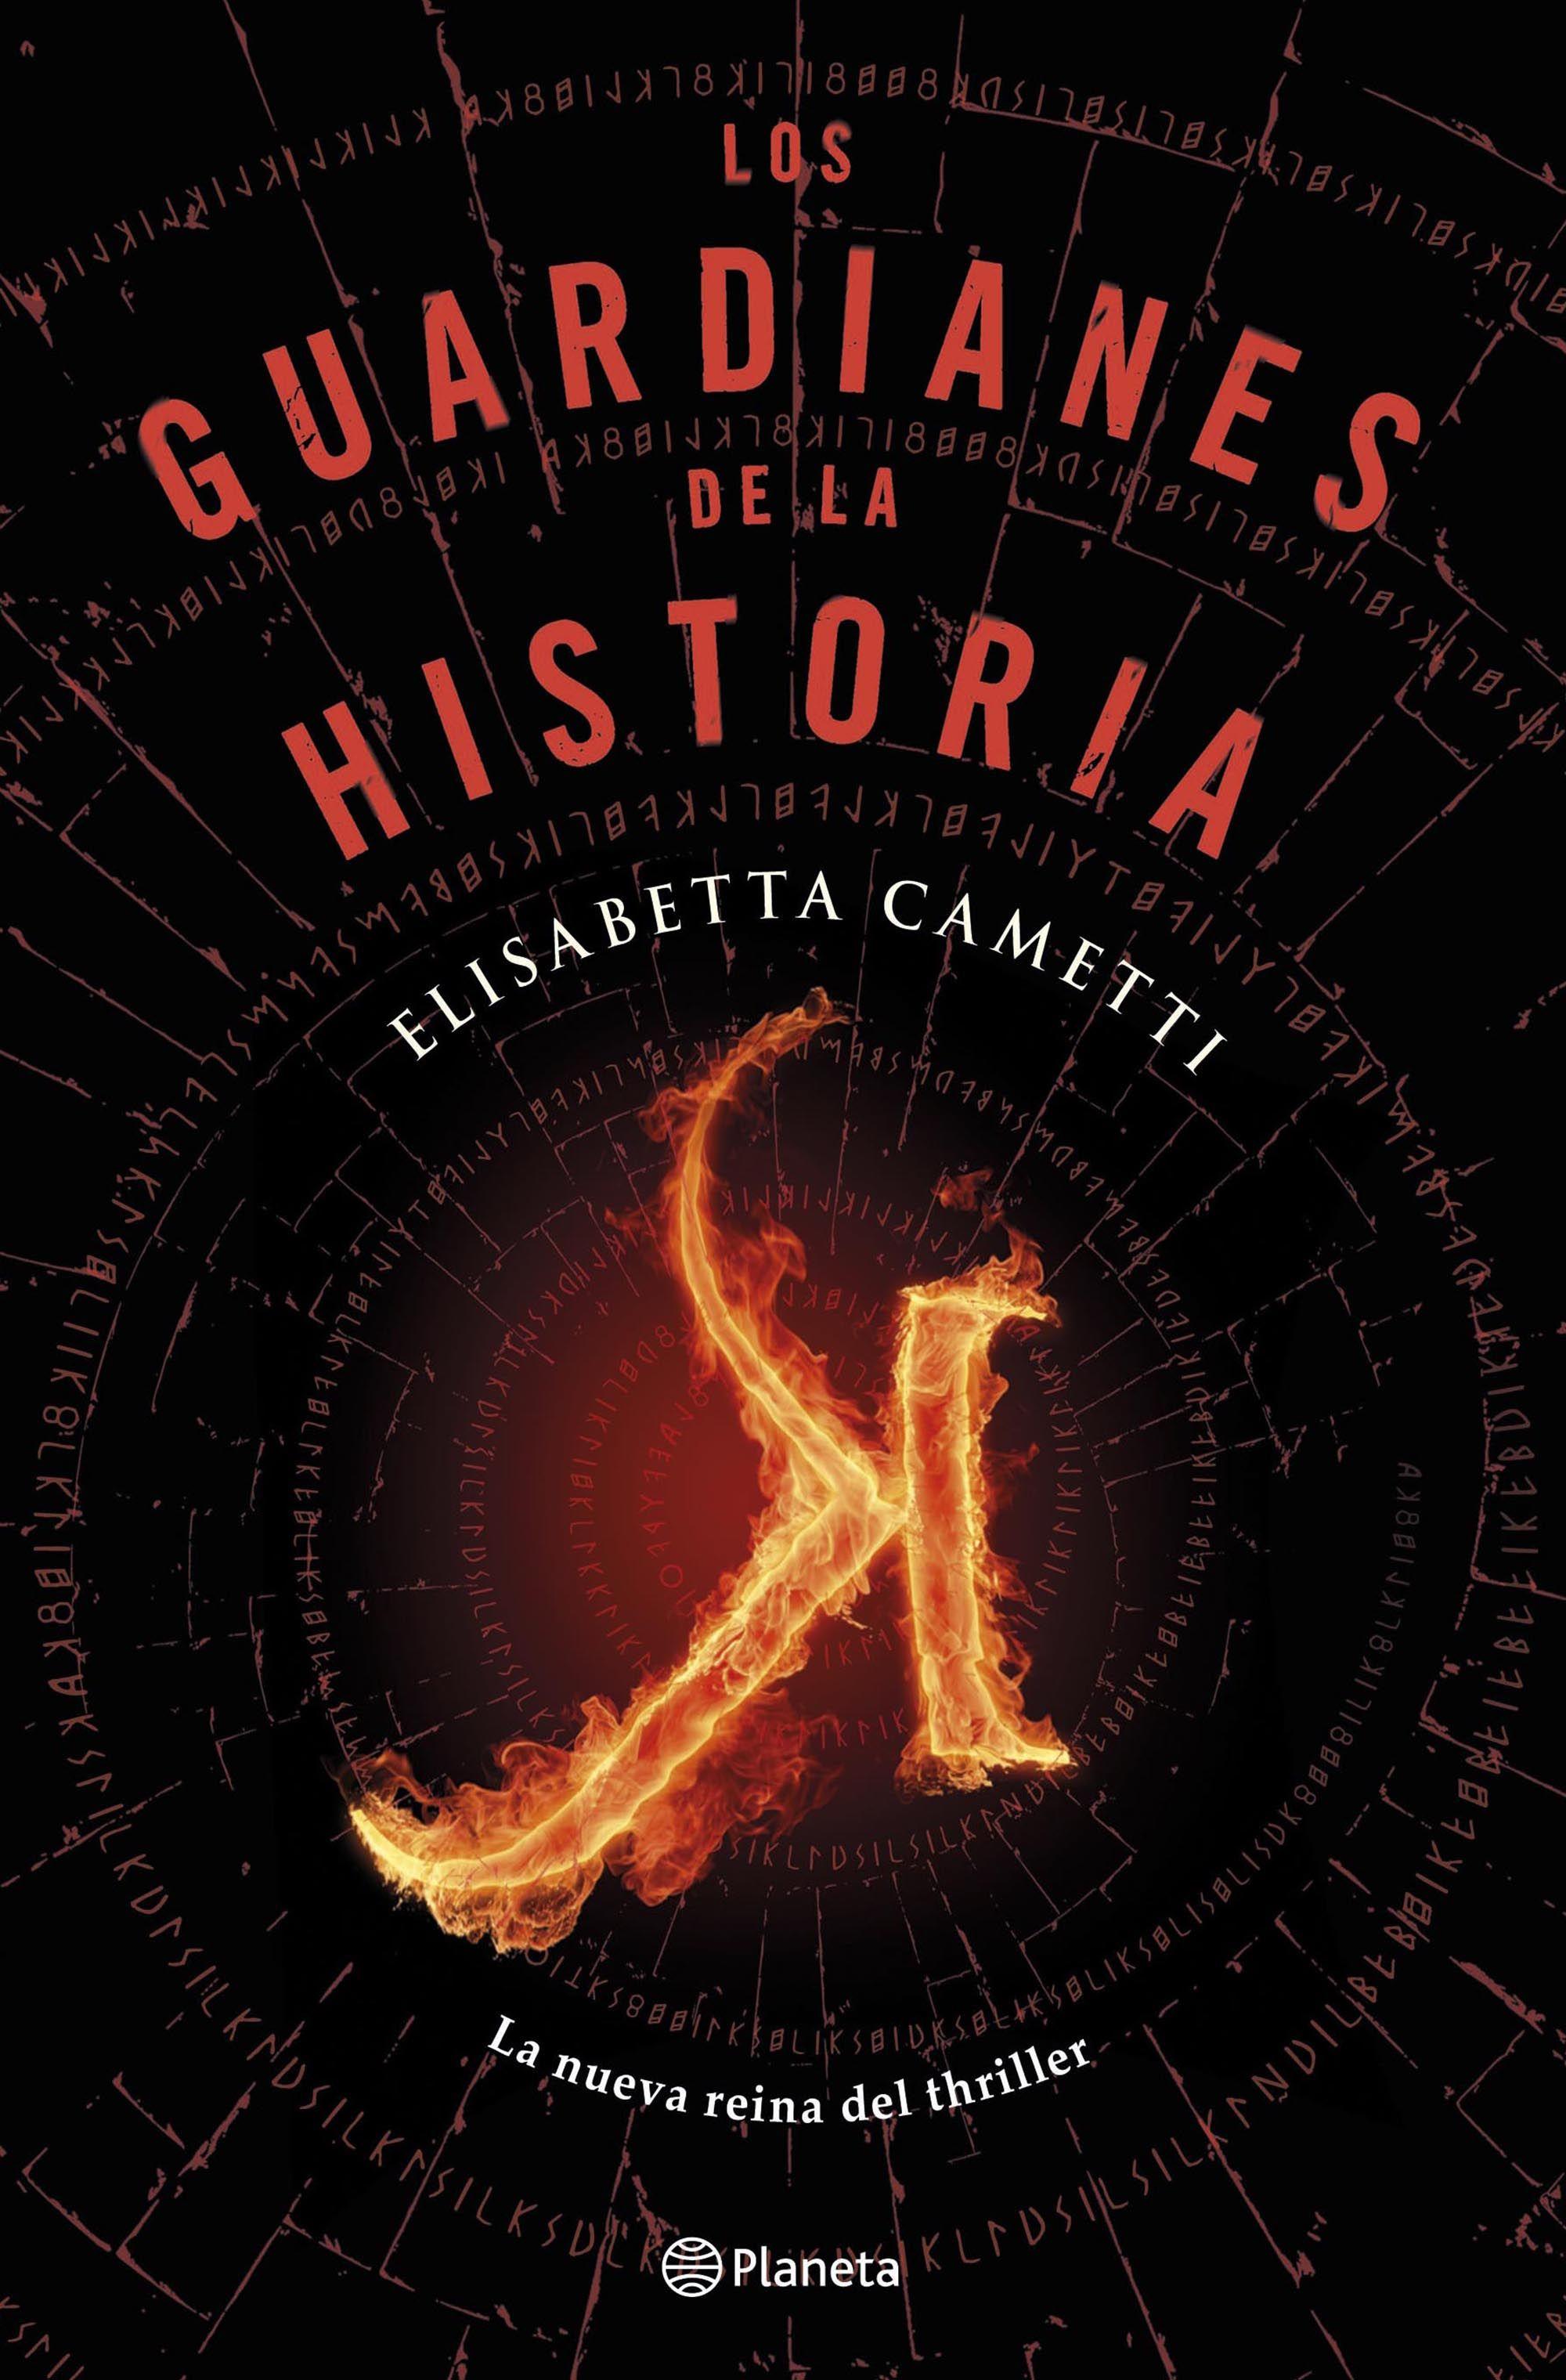 Los guardianes de la historia - Elisabetta Cametti Portada